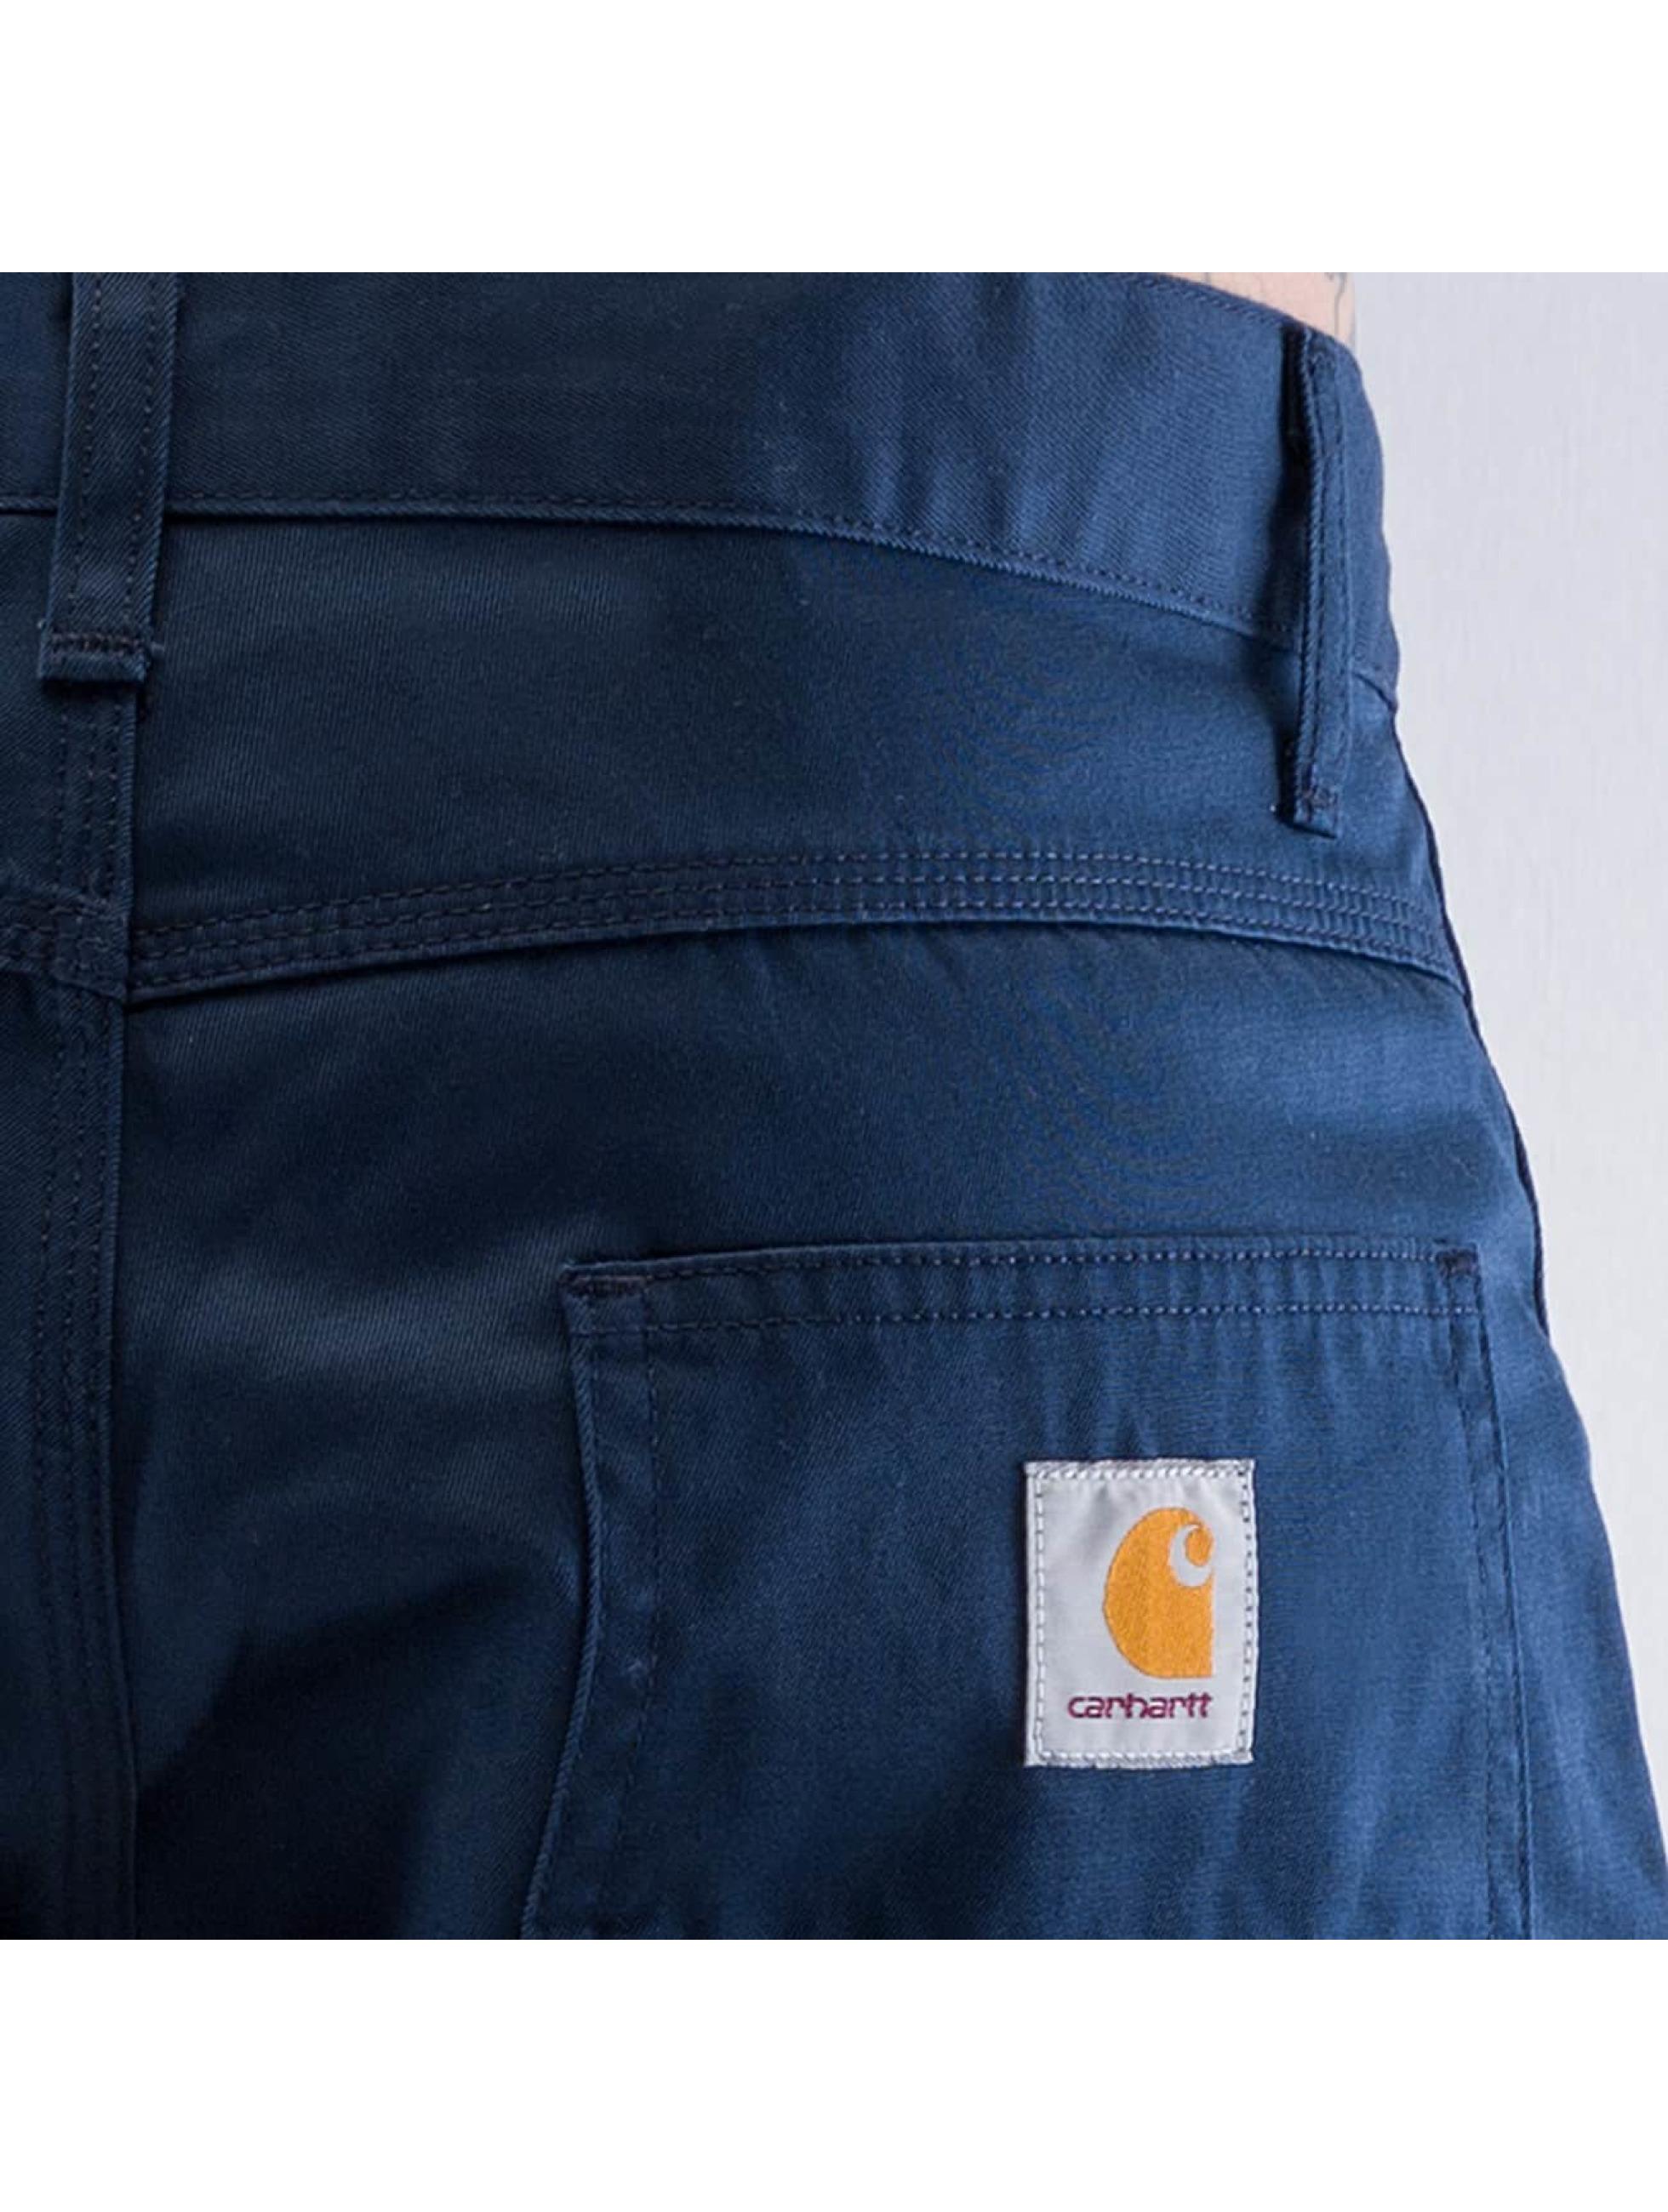 Carhartt WIP Väljät farkut Cortez Slim Fit Skill sininen